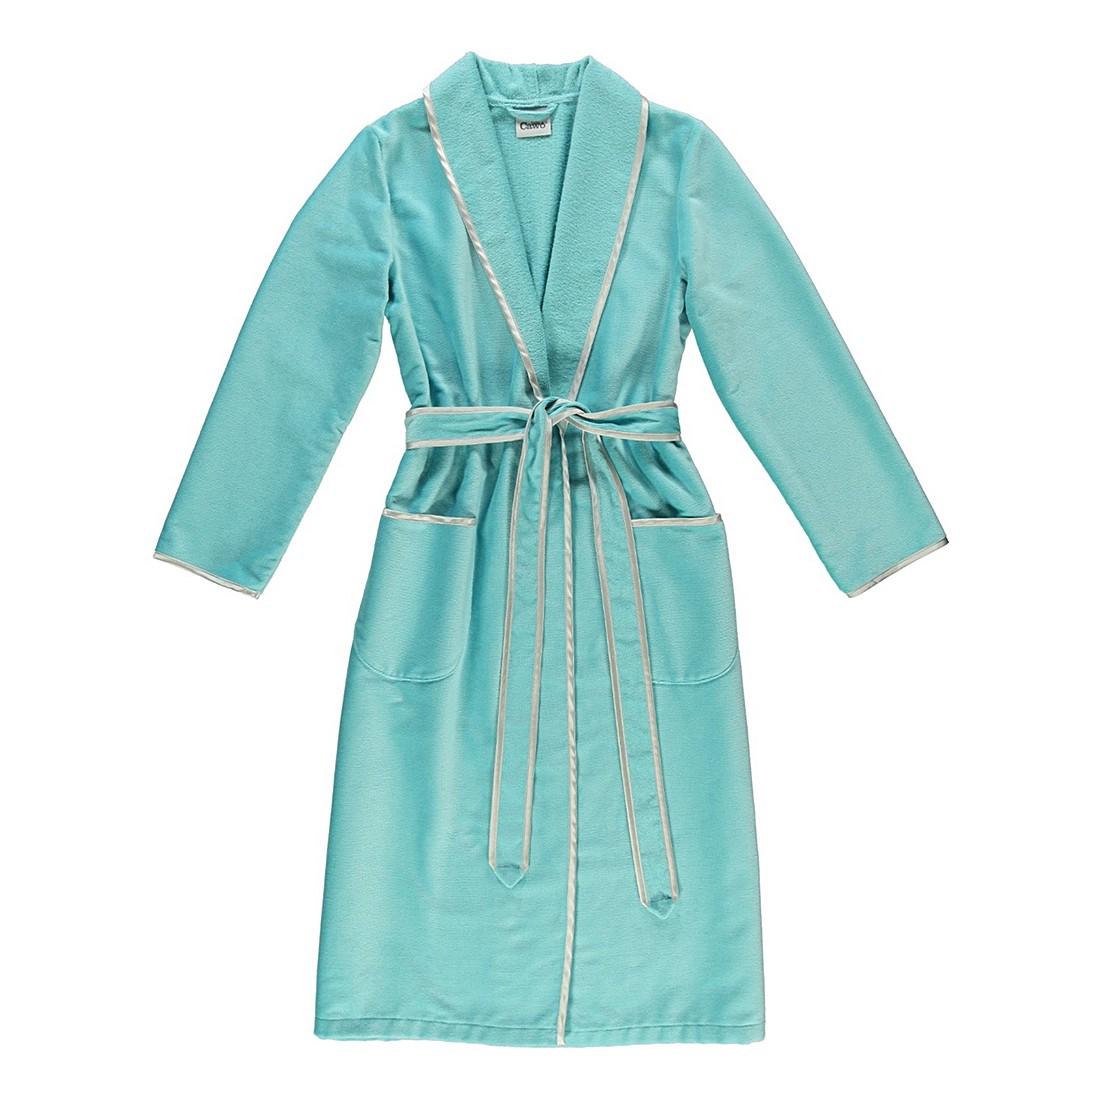 Bademantel 4321 – Damen – Velours – 100% Baumwolle mint – 404 – Größe: M, Cawö günstig kaufen